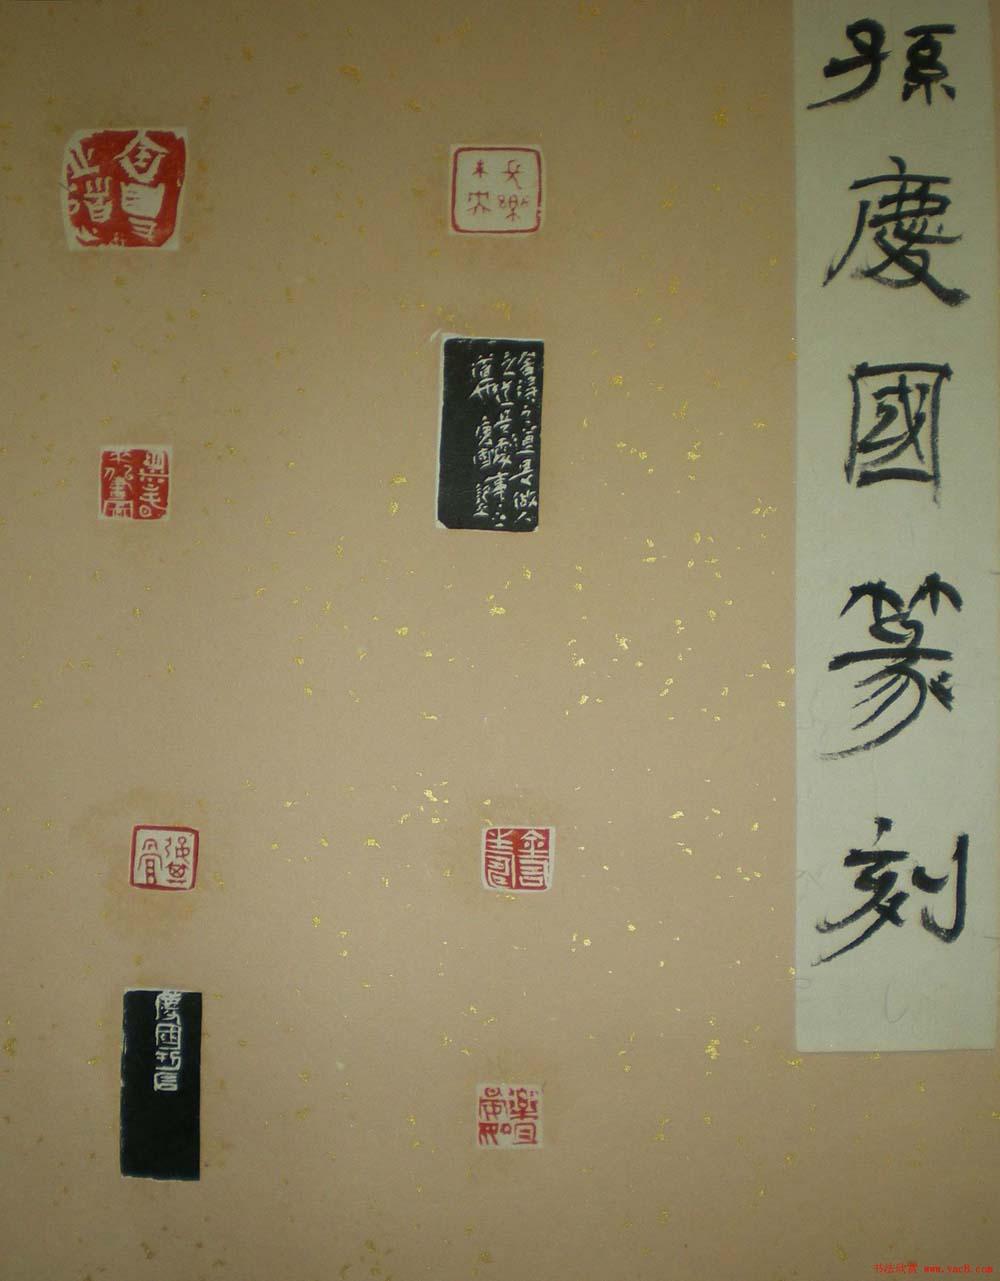 西泠印社第七届评展篆刻作品欣赏(四)